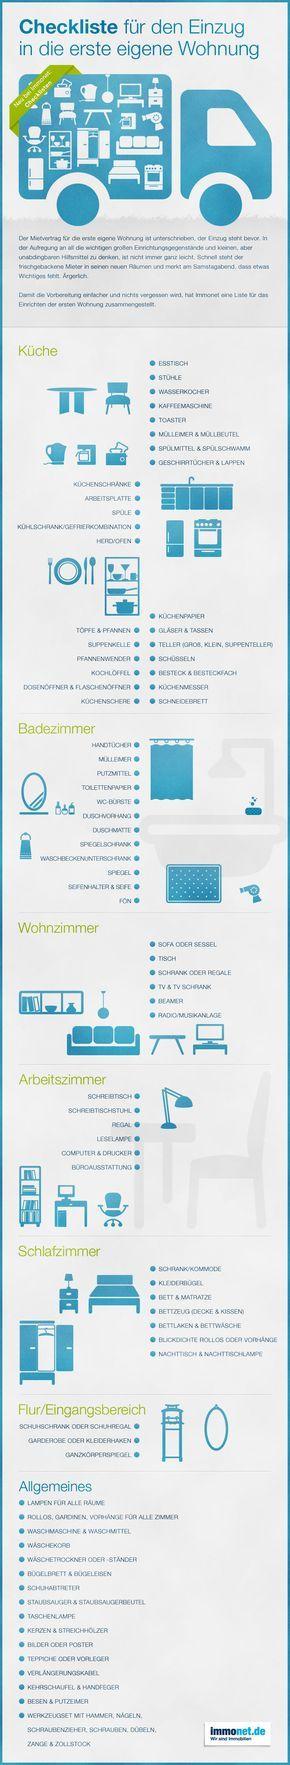 die 25 besten ideen zu umzugs checkliste auf pinterest umzug tipps bewegen verpackungstipps. Black Bedroom Furniture Sets. Home Design Ideas